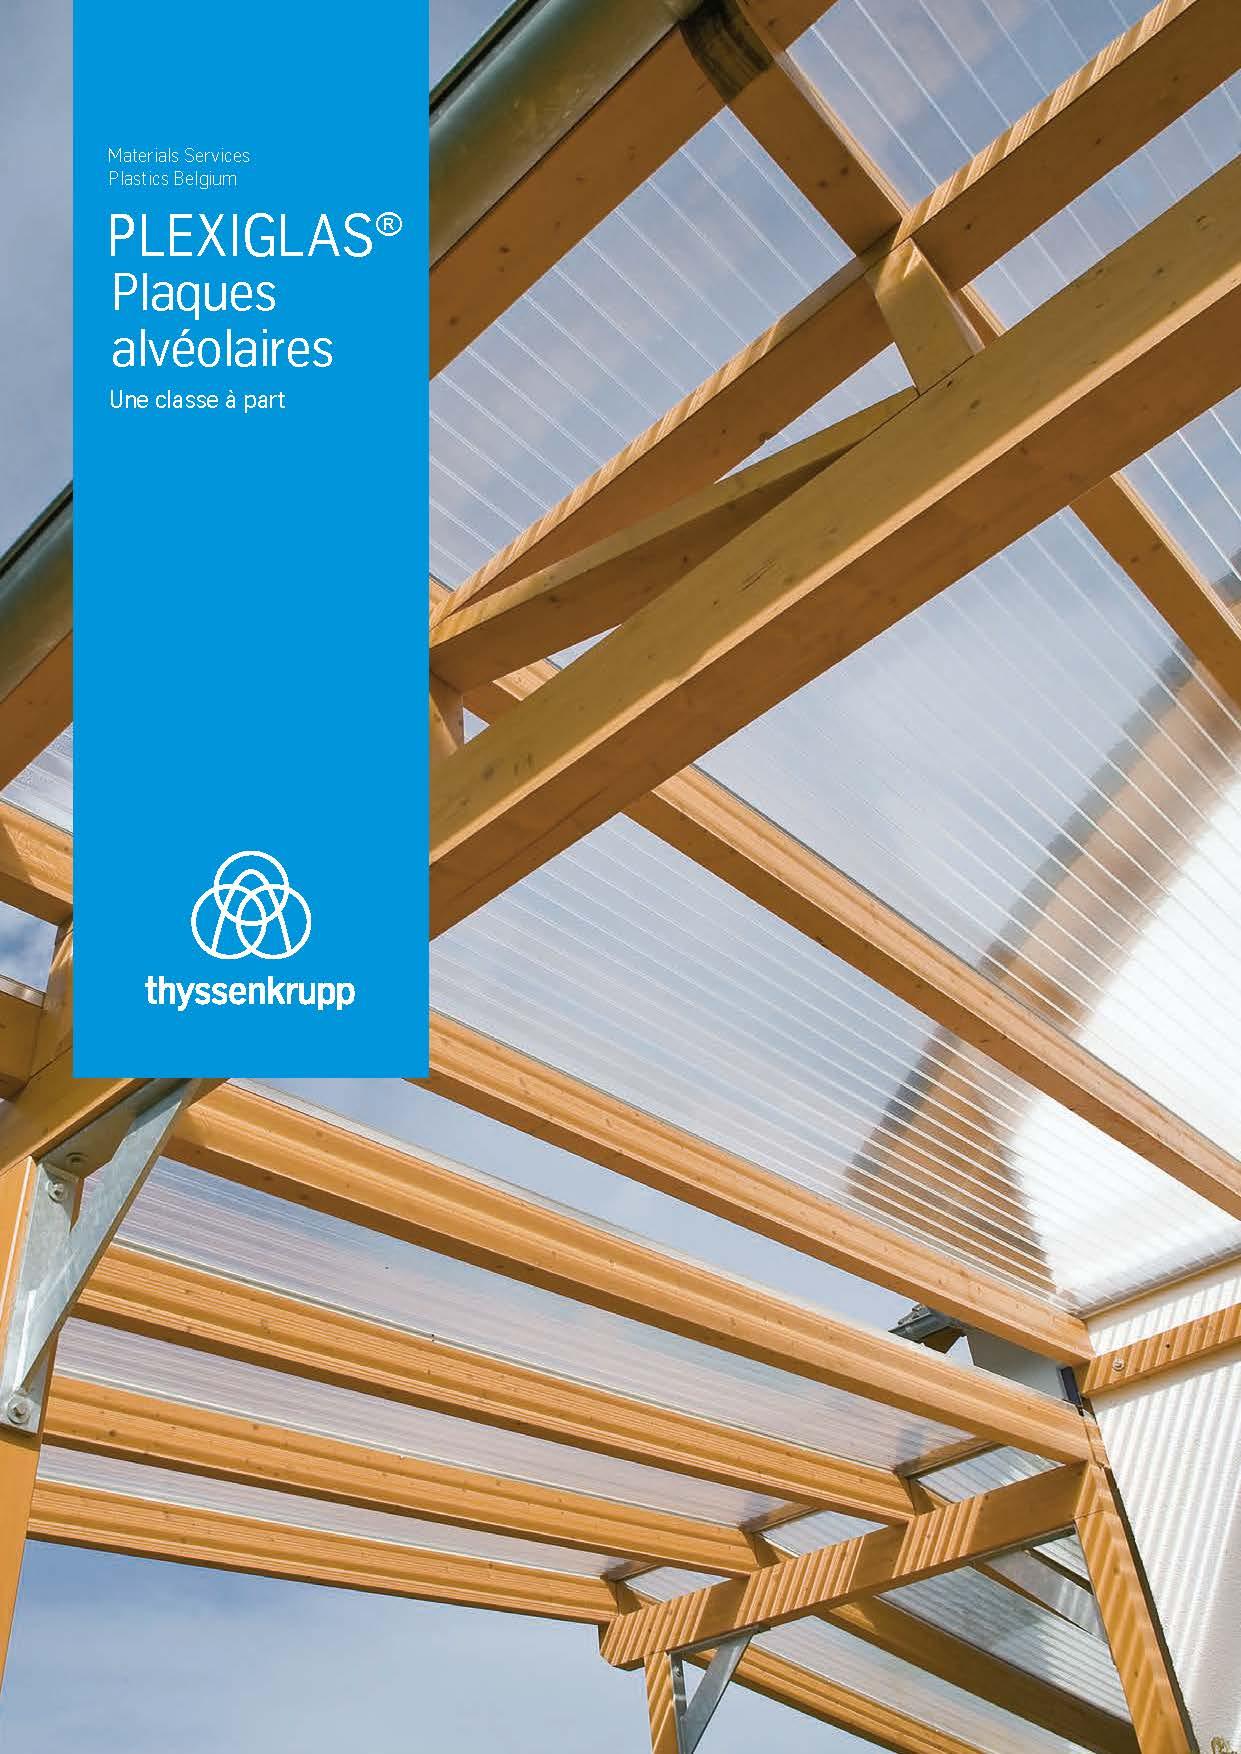 Afbeelding Cover Brochure Plaques alvéolaires PLEXIGLAS®